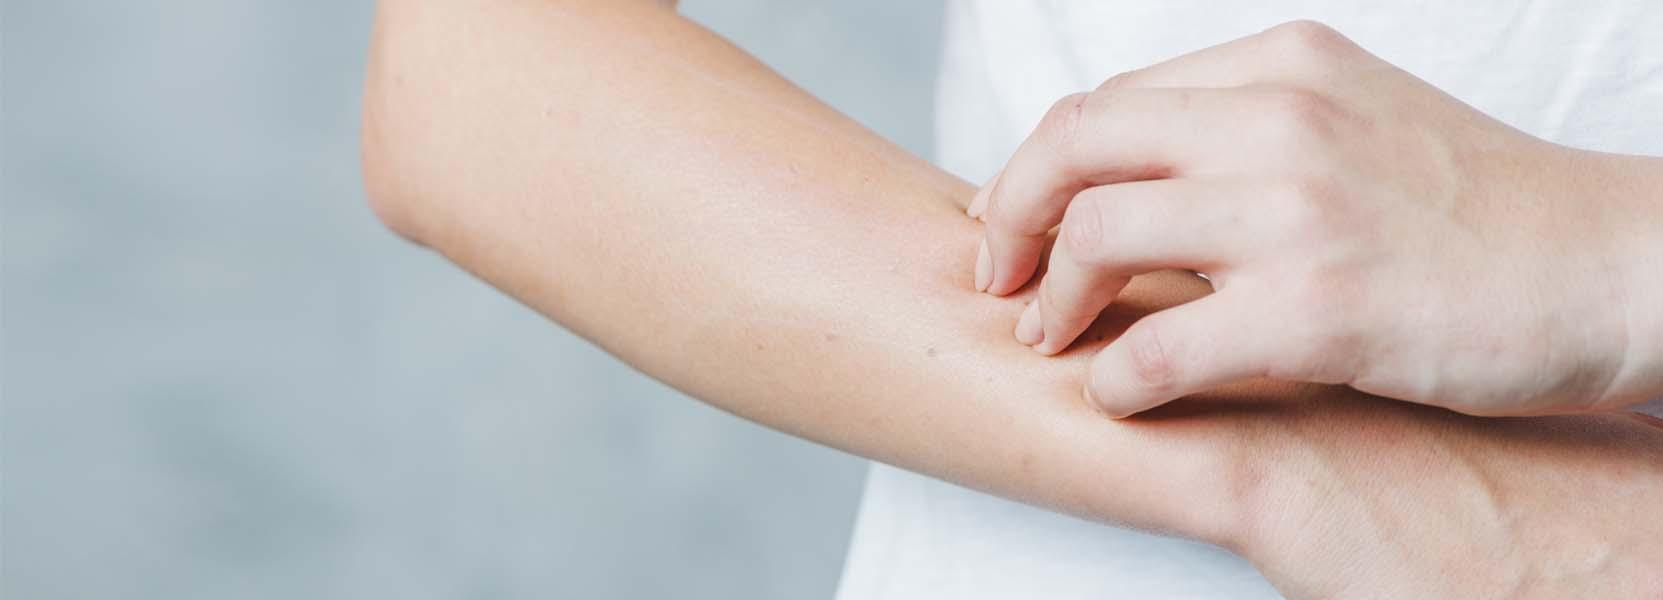 mano arrascandose el brazo